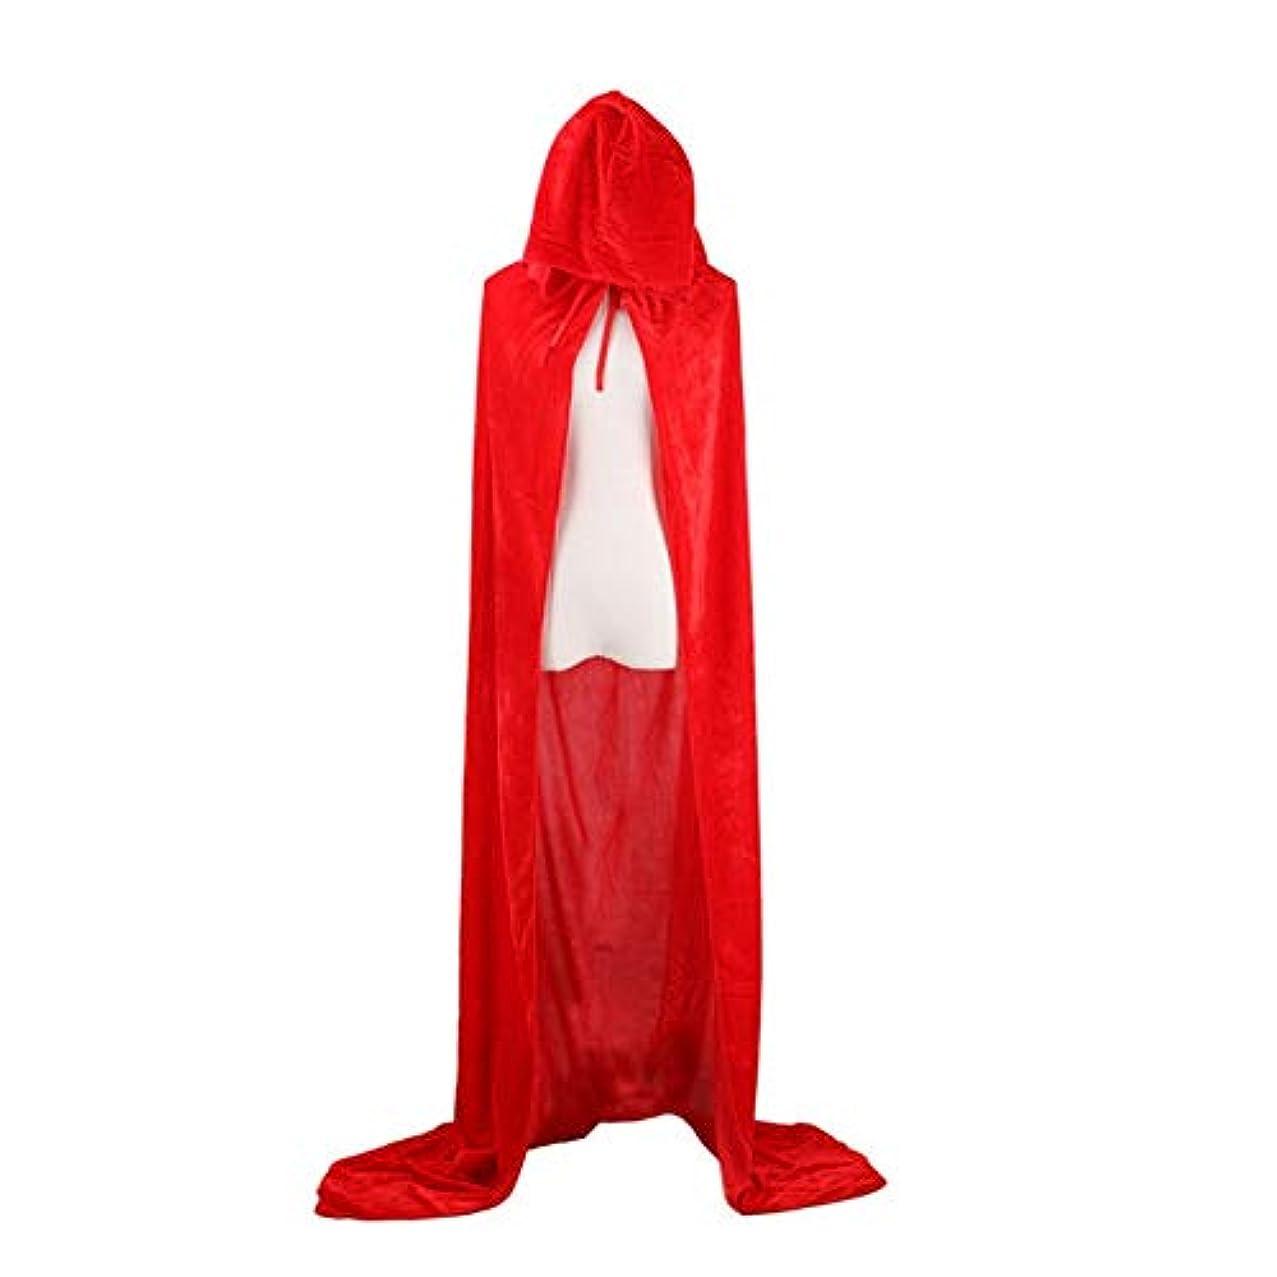 感覚和アクセスハロウィンデスマントコスウィザードウィッチプリンスプリンセスマントゴールドベルベットマントマントフード付きポリエステルマント-赤80cm